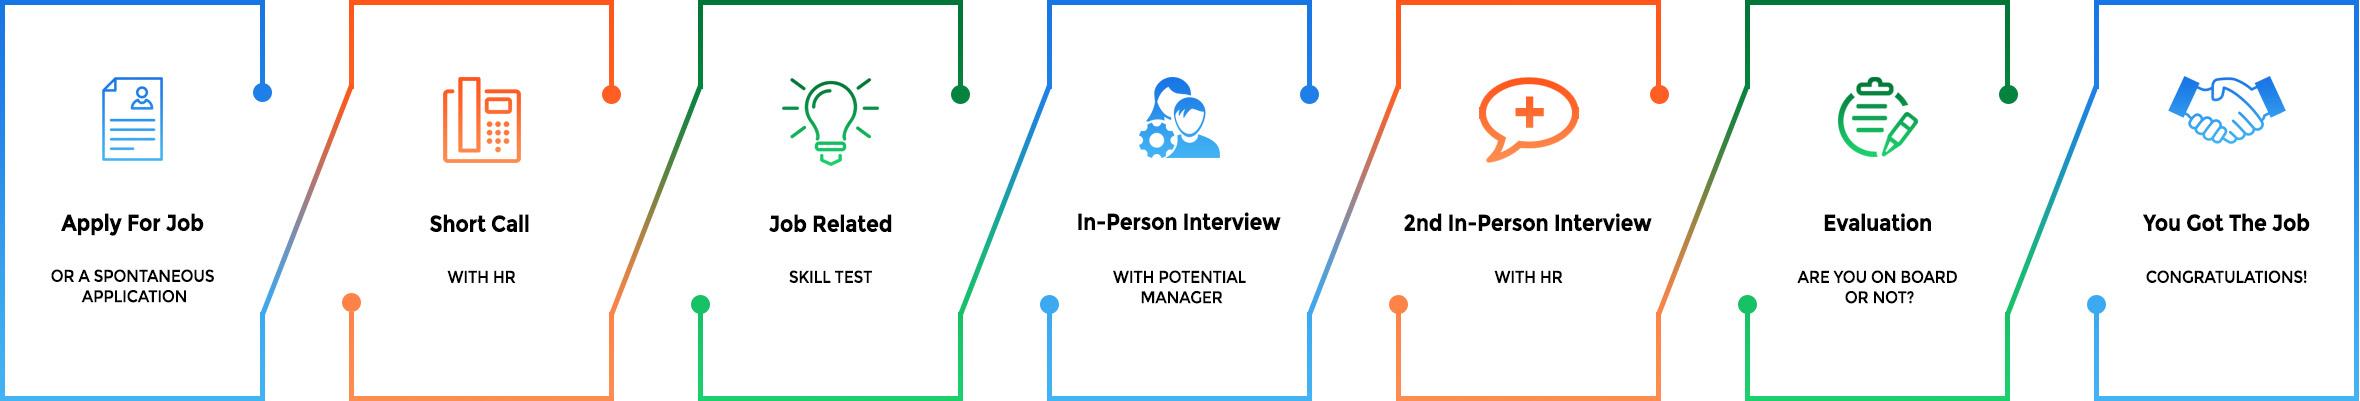 careers-info1